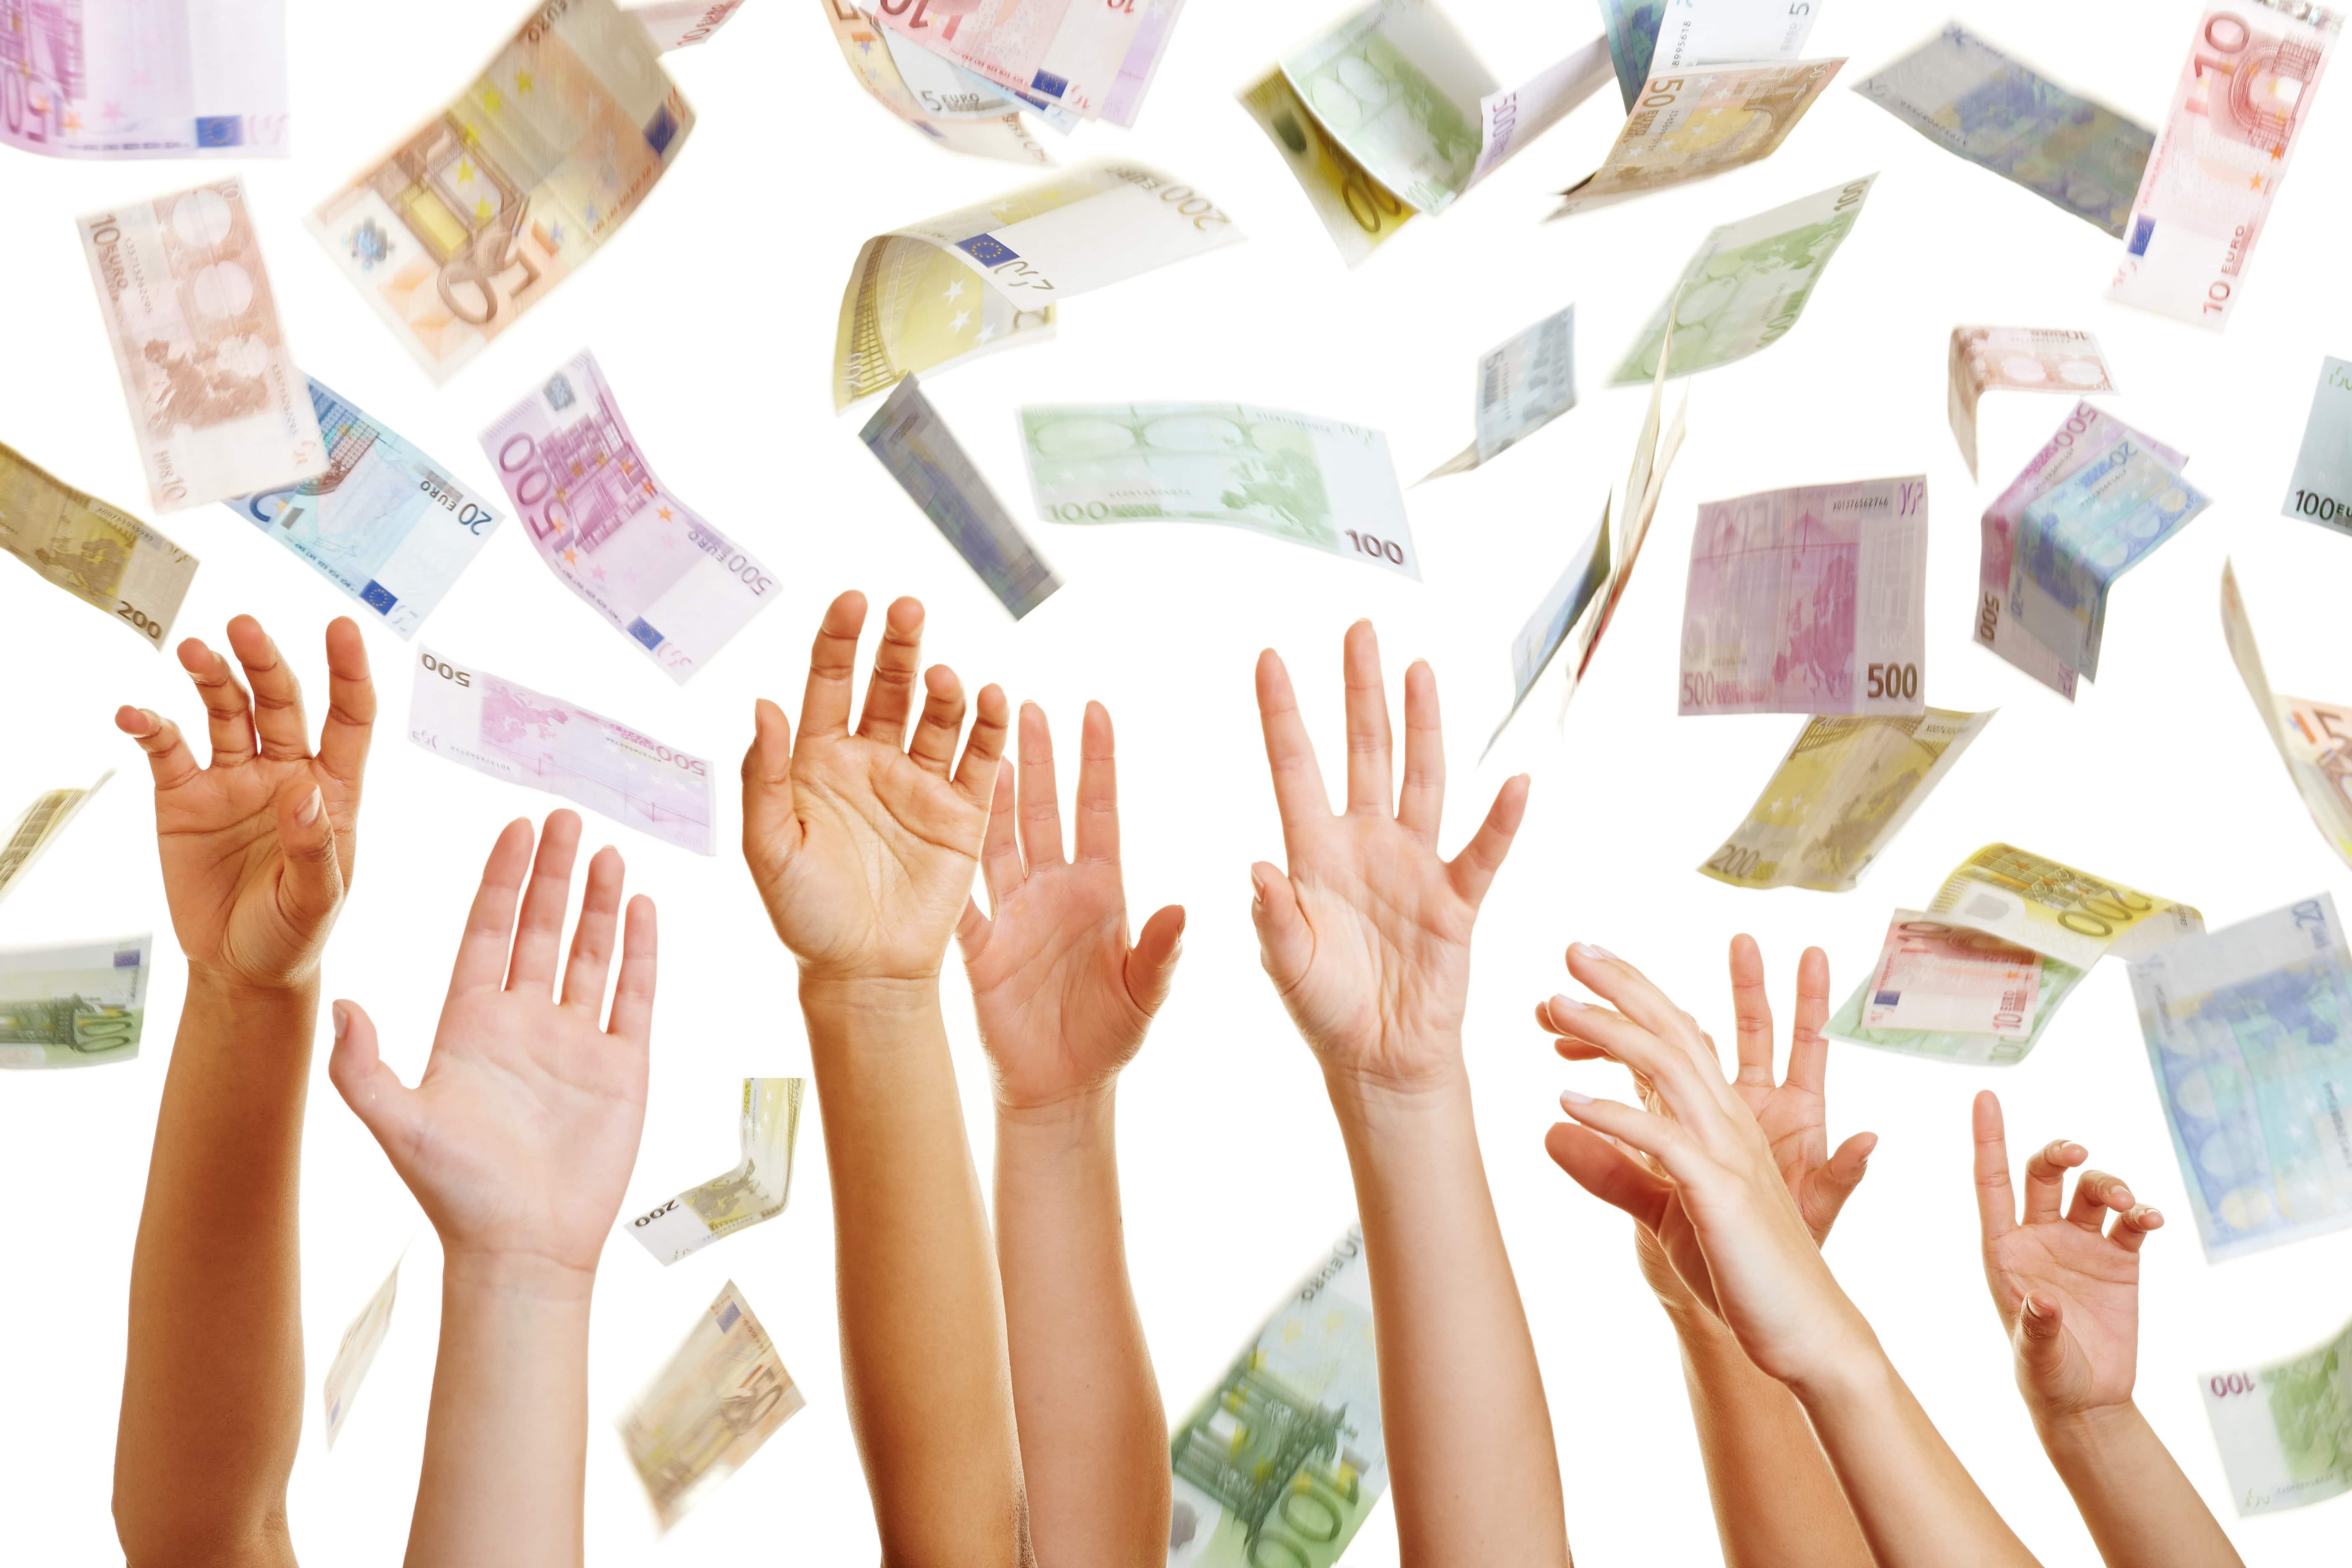 prestamistas en Villarreal particulares y privados